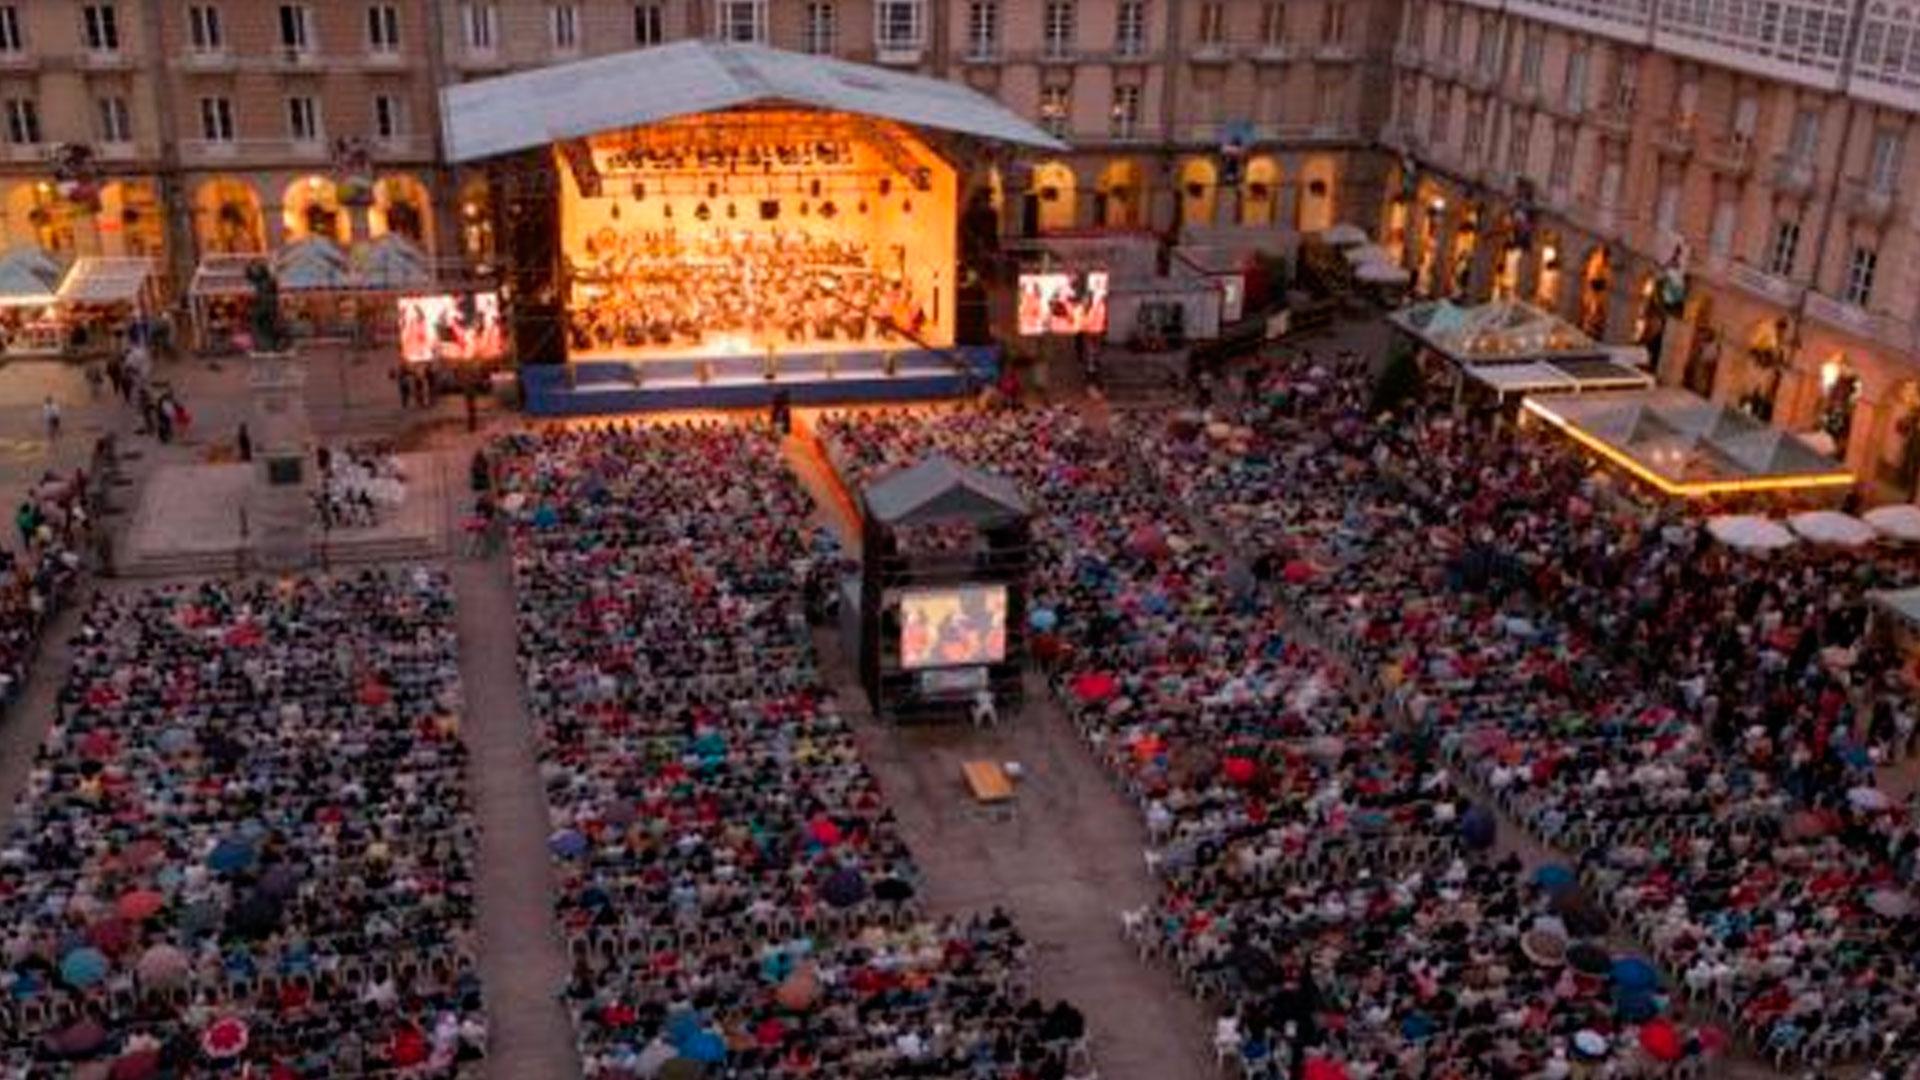 La Sinfónica de Galicia inicia en María Pita su nueva temporada de conciertos 13-14